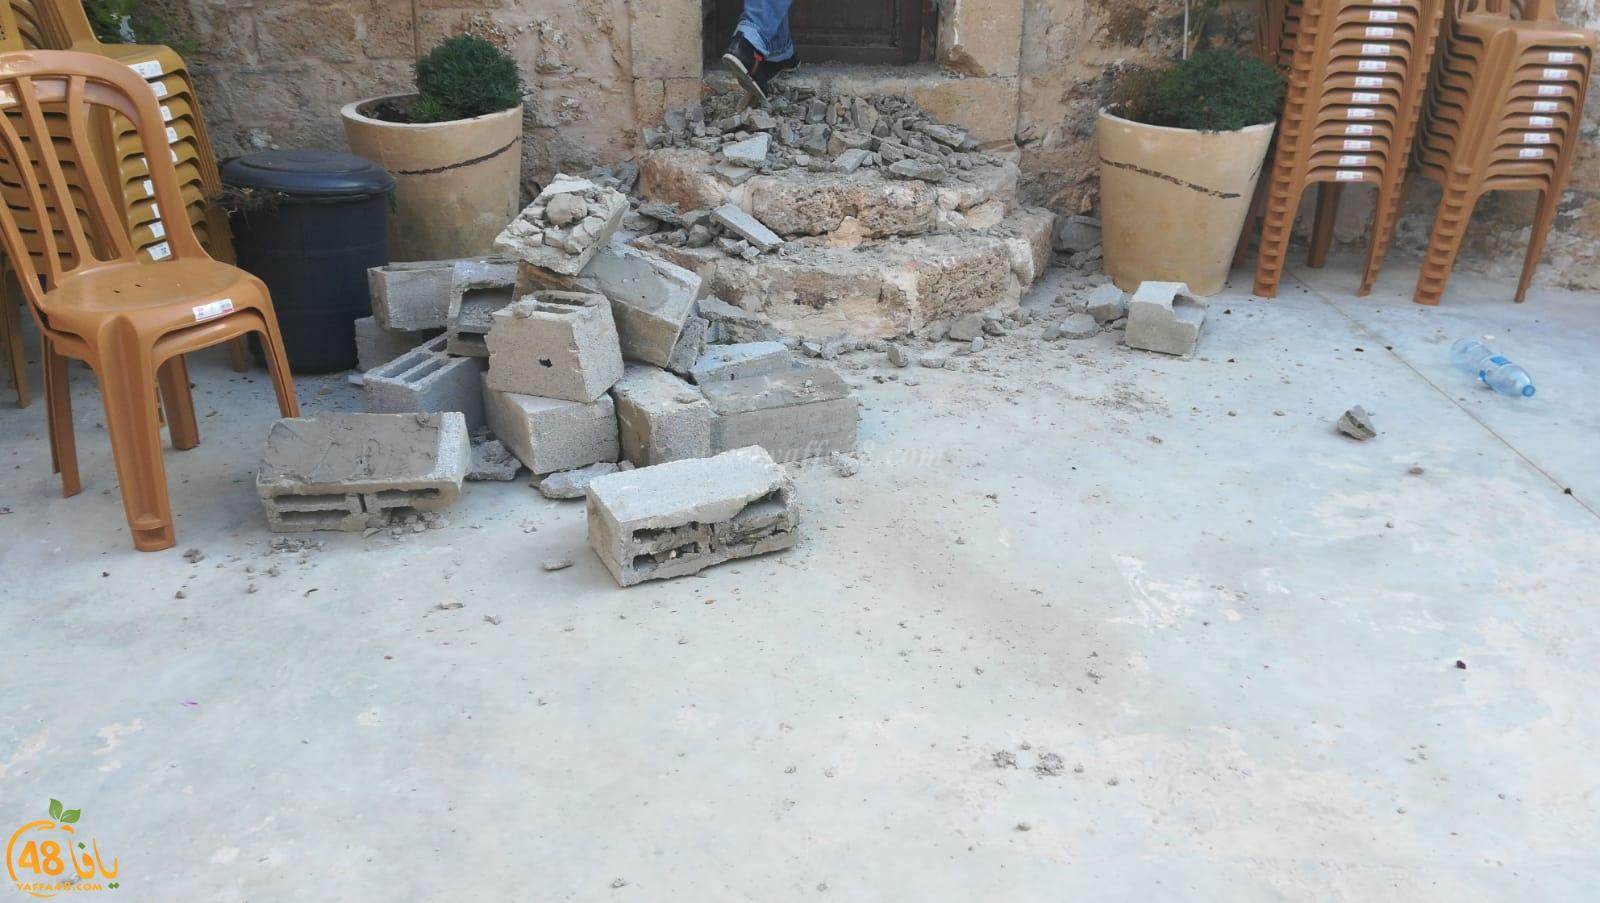 فيديو: إغلاق منافذ مركز الدعوة في يافا بالأسمنت والحجارة